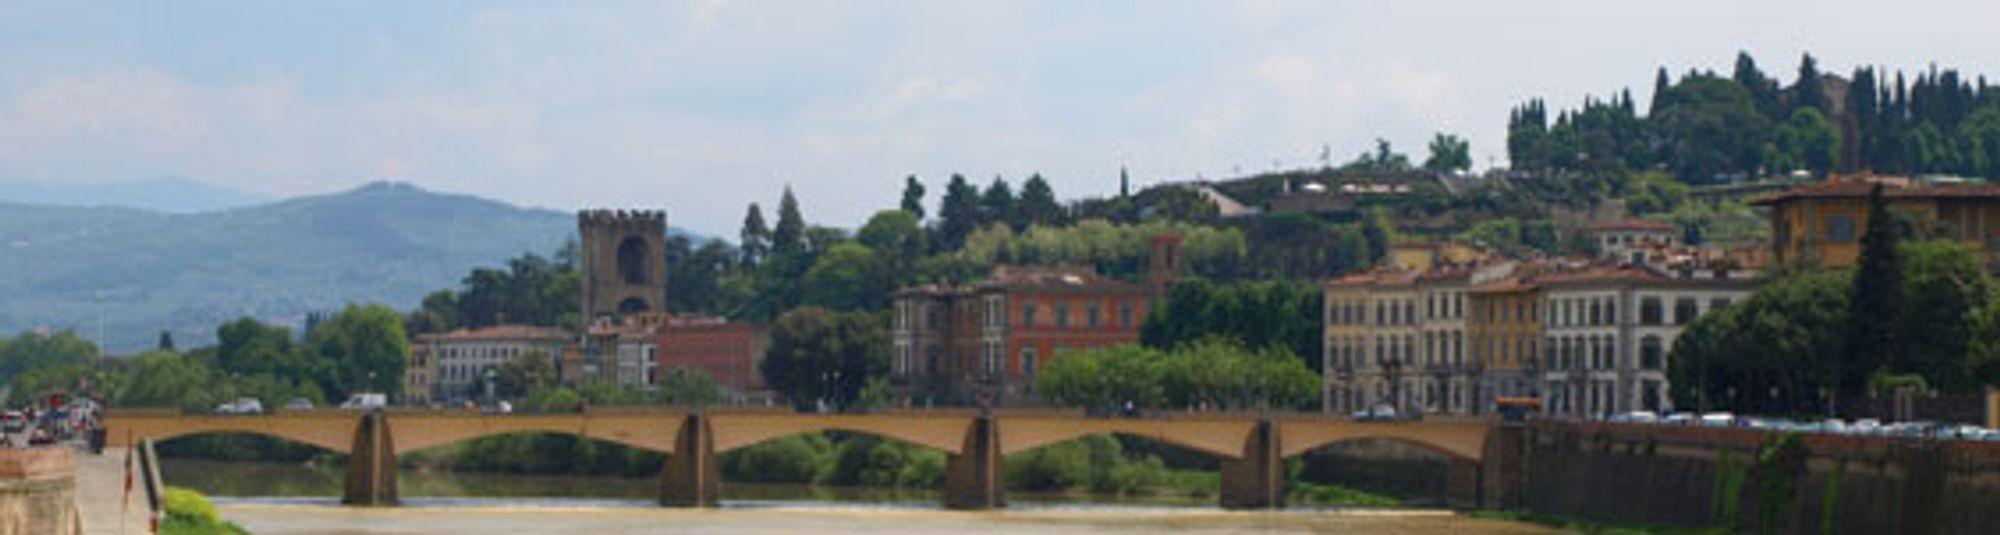 Utsikten fra Ponte Vecchio